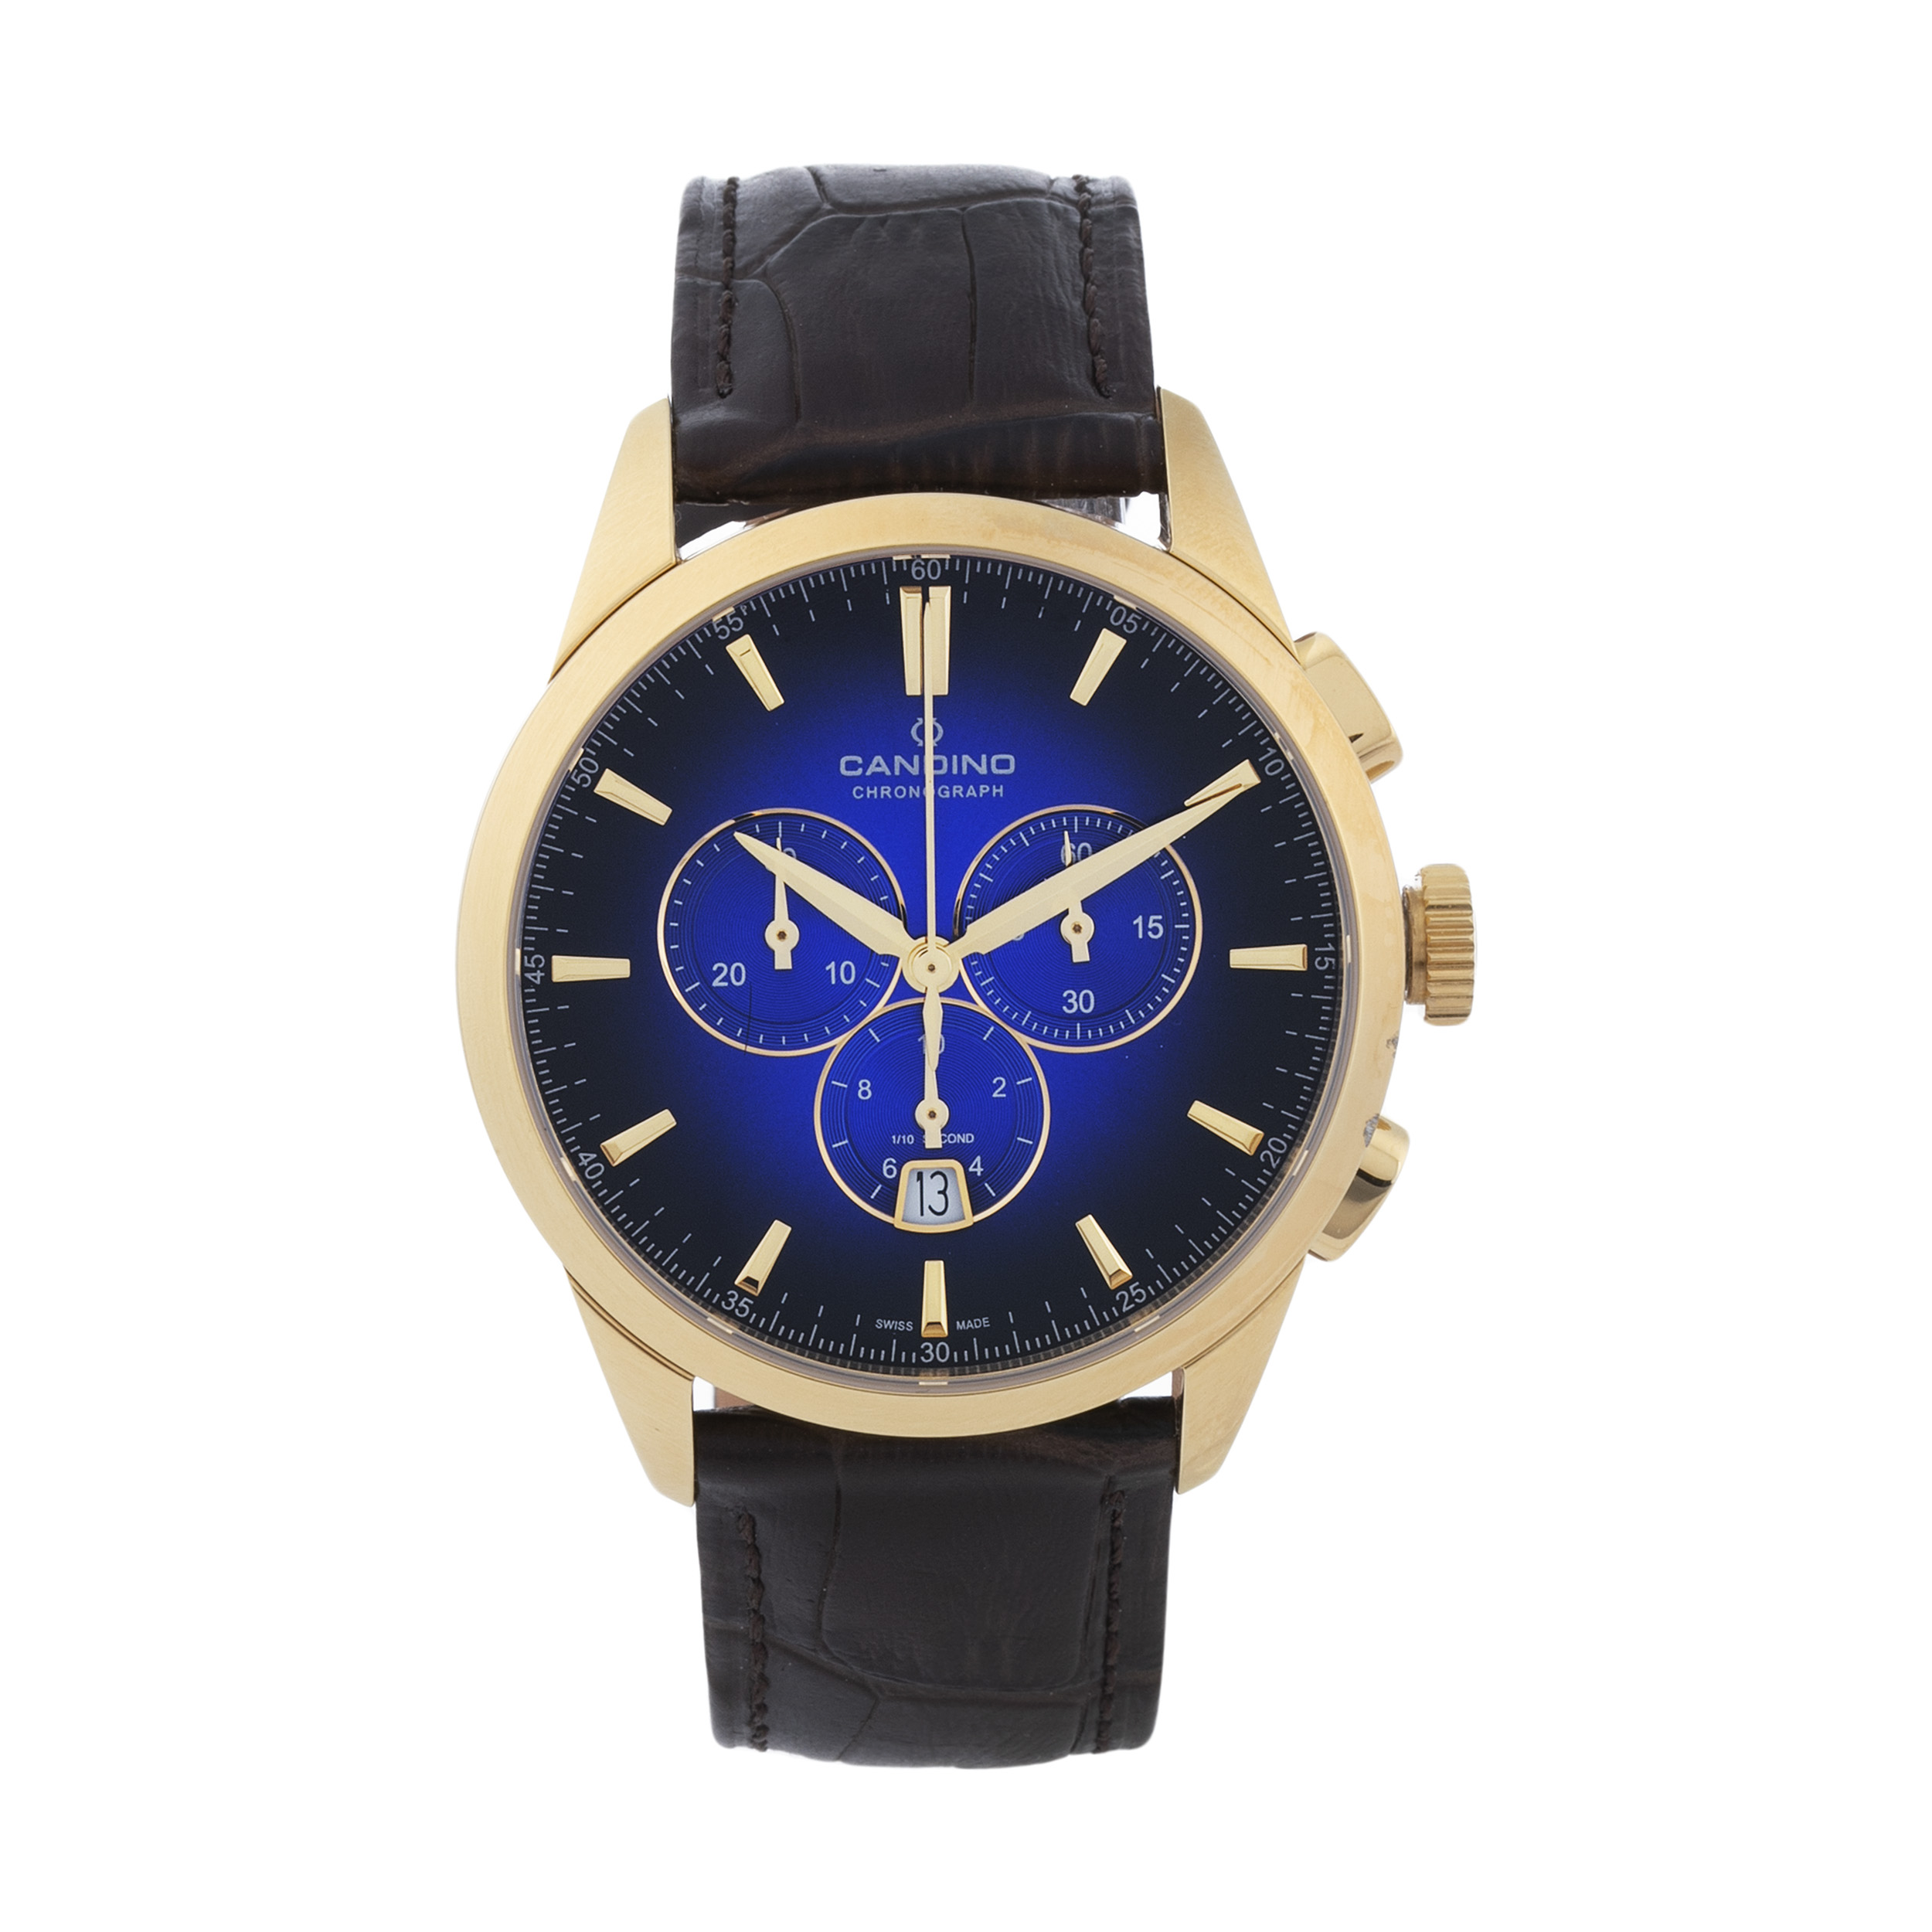 خرید ساعت مچی عقربه ای مردانه کاندینو مدل C4518/7